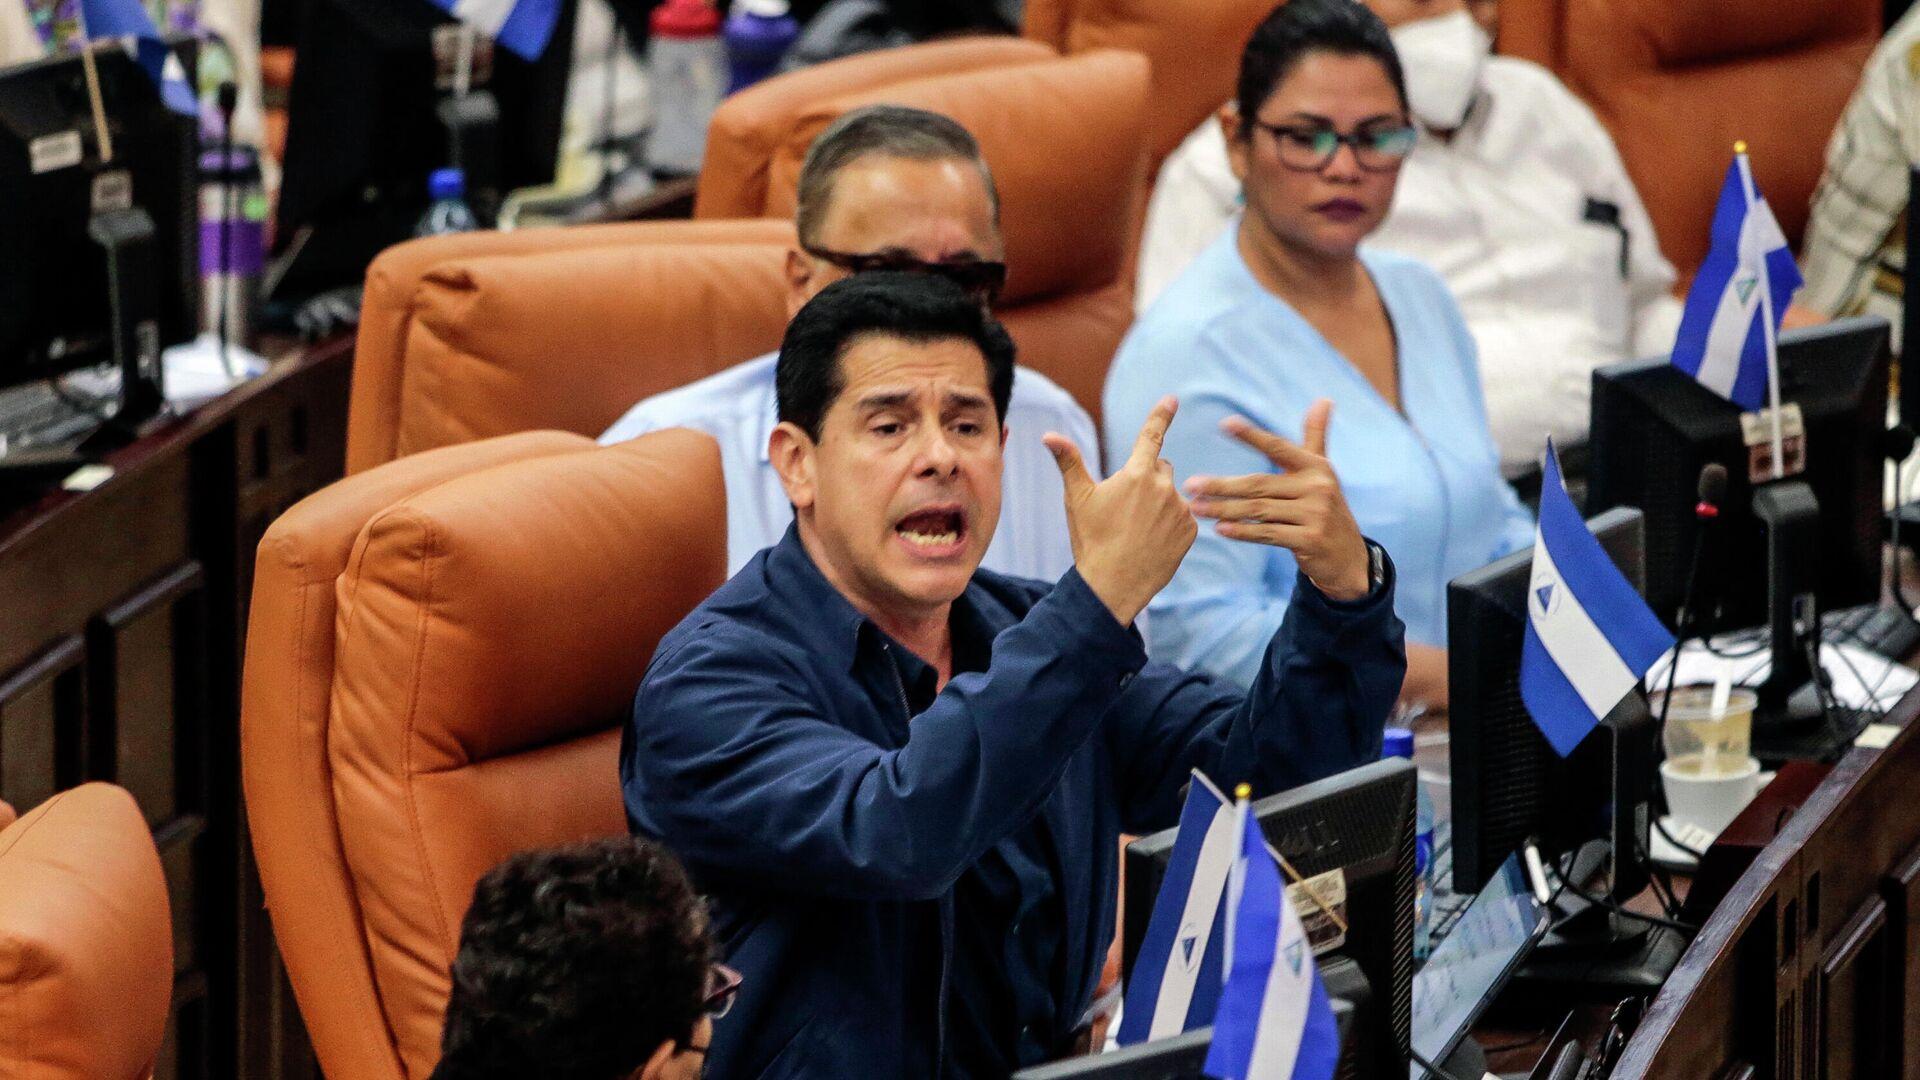 Wálmaro Gutiérrez, el diputado y presidente de la Comisión de Producción, Economía y Presupuesto de la Asamblea Nacional (Parlamento) de Nicaragua - Sputnik Mundo, 1920, 14.07.2021